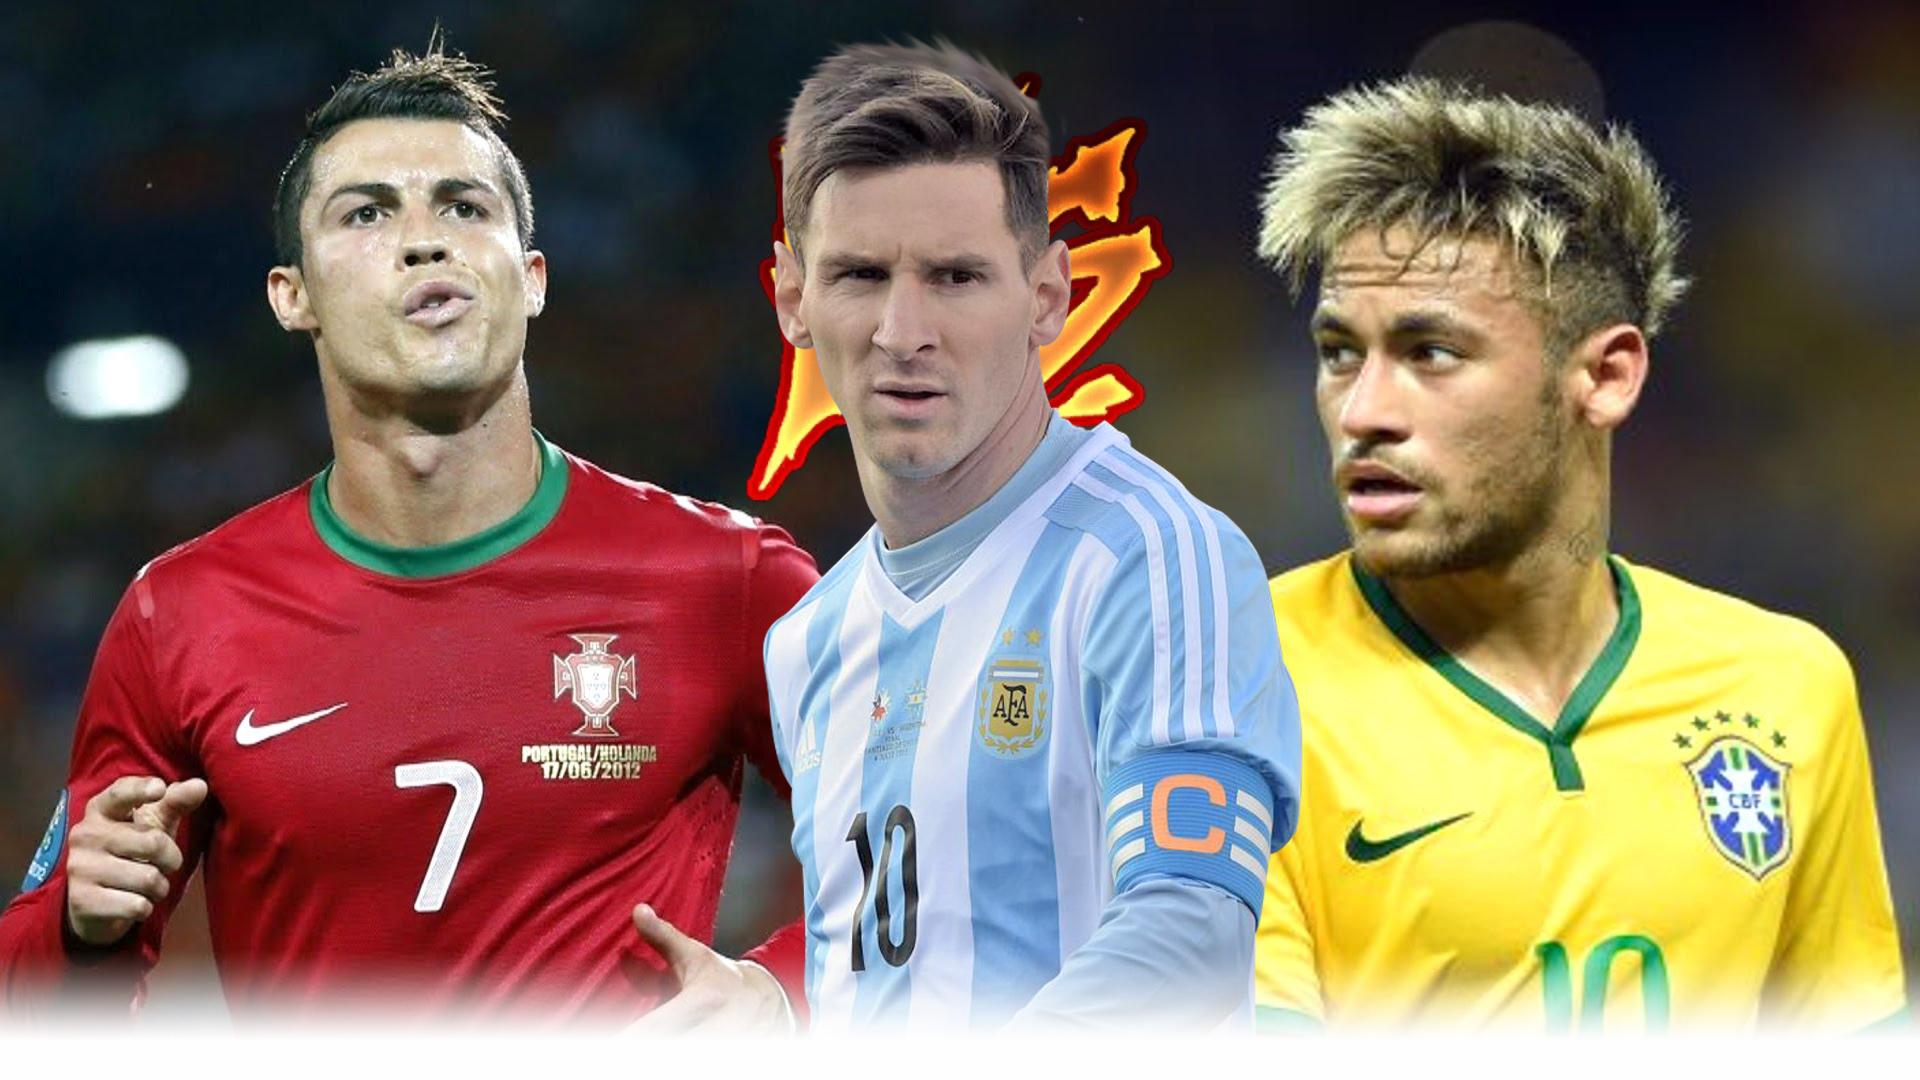 Quần hùng tranh World Cup 2018: Messi, Ronaldo, Neymar & Cuộc đua tới ngôi vua - 4